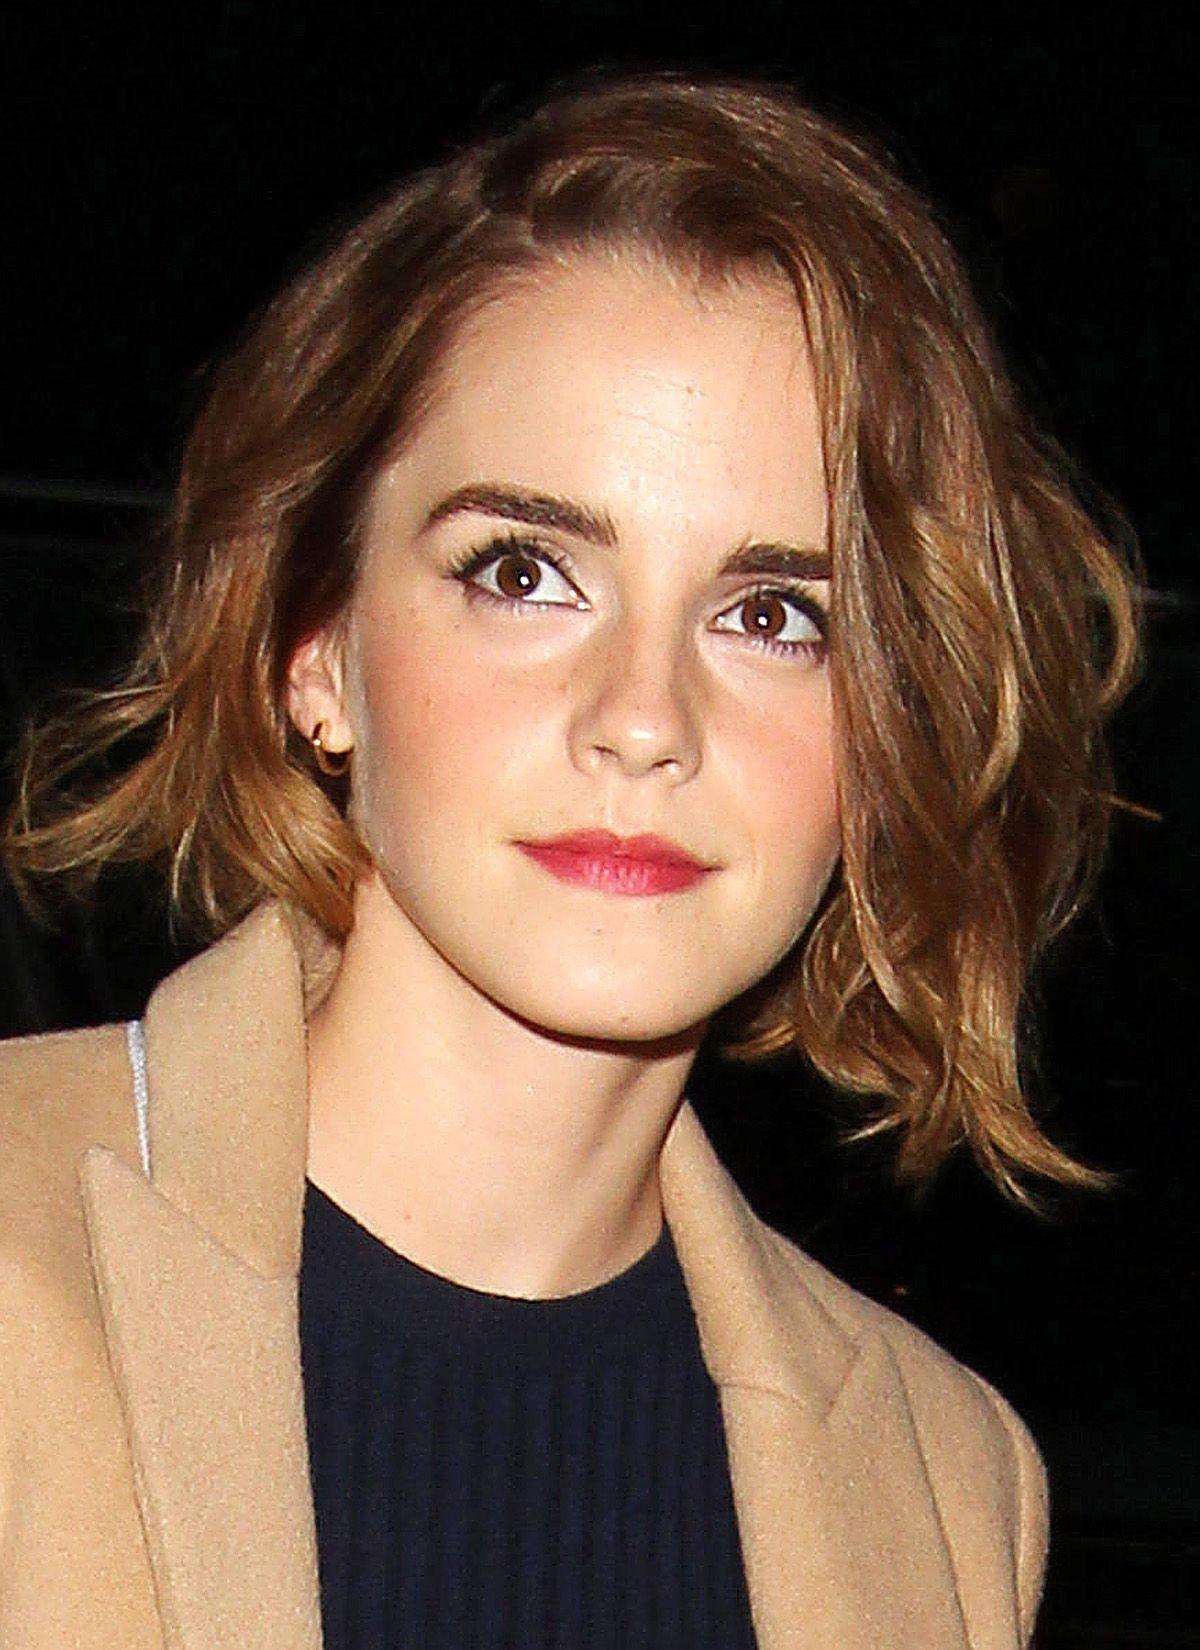 Taglio bob: taglio di capelli alla moda con un taglio netto